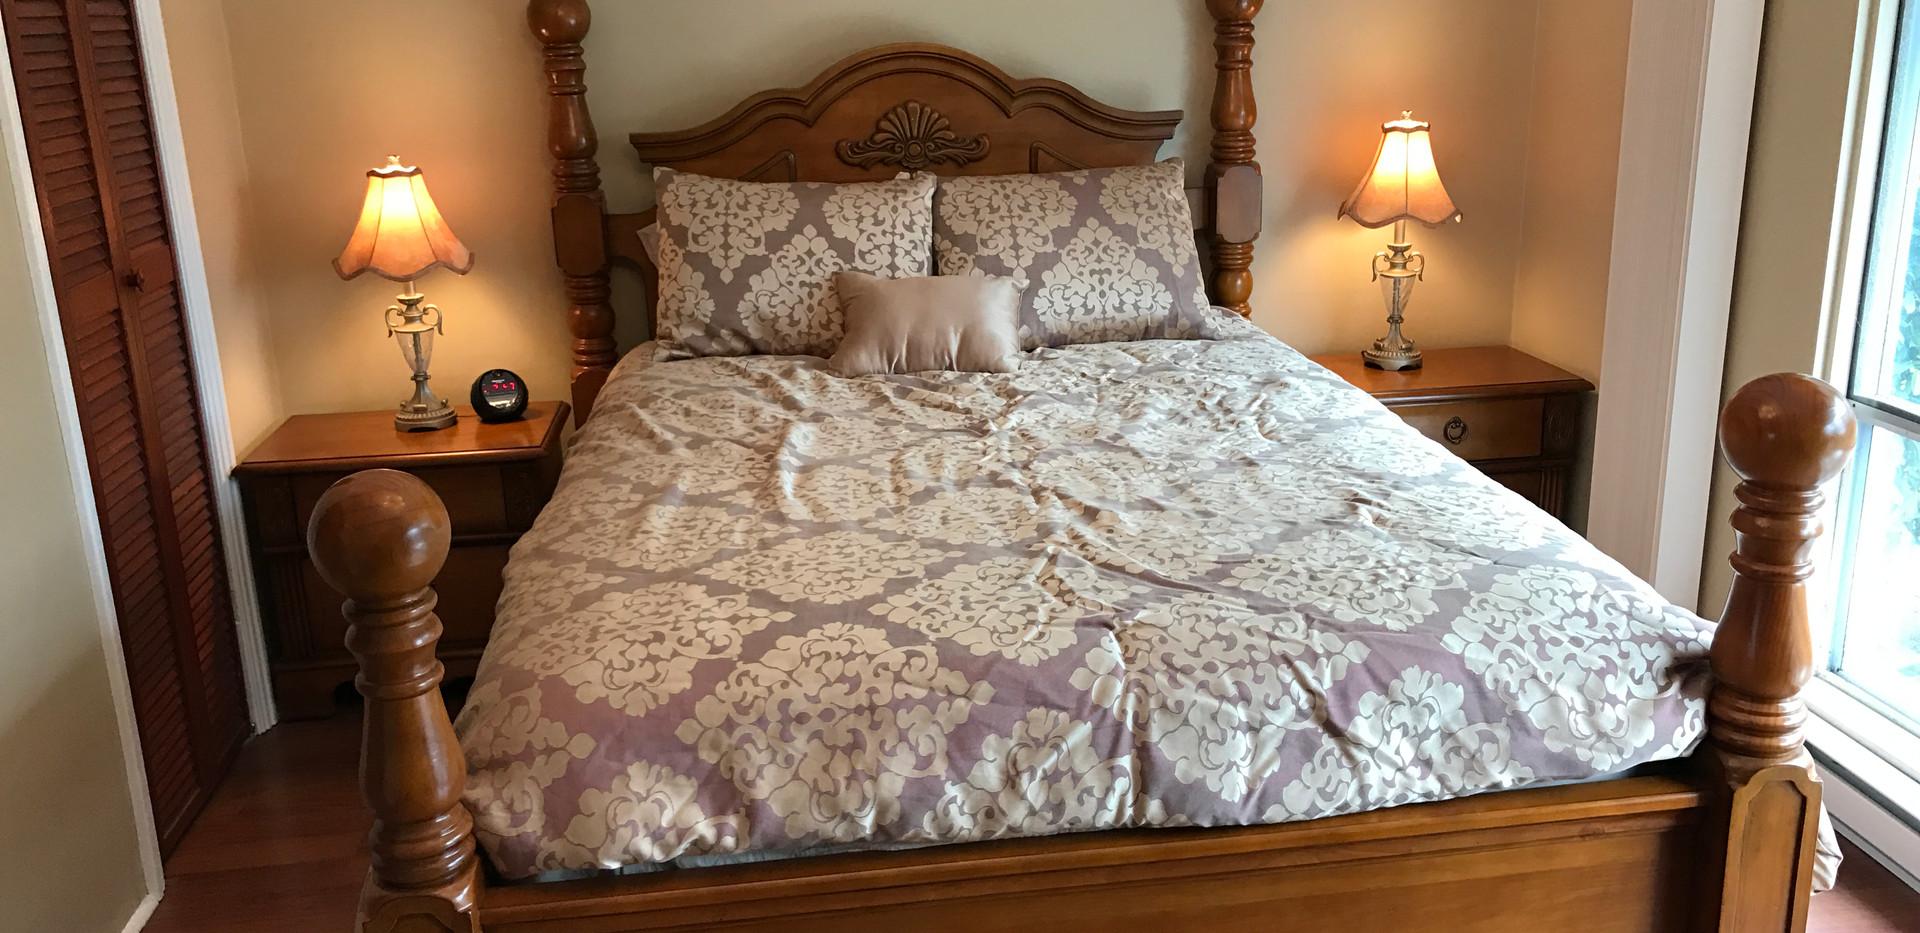 #4 Hyacinth Bedroom #1 .JPG